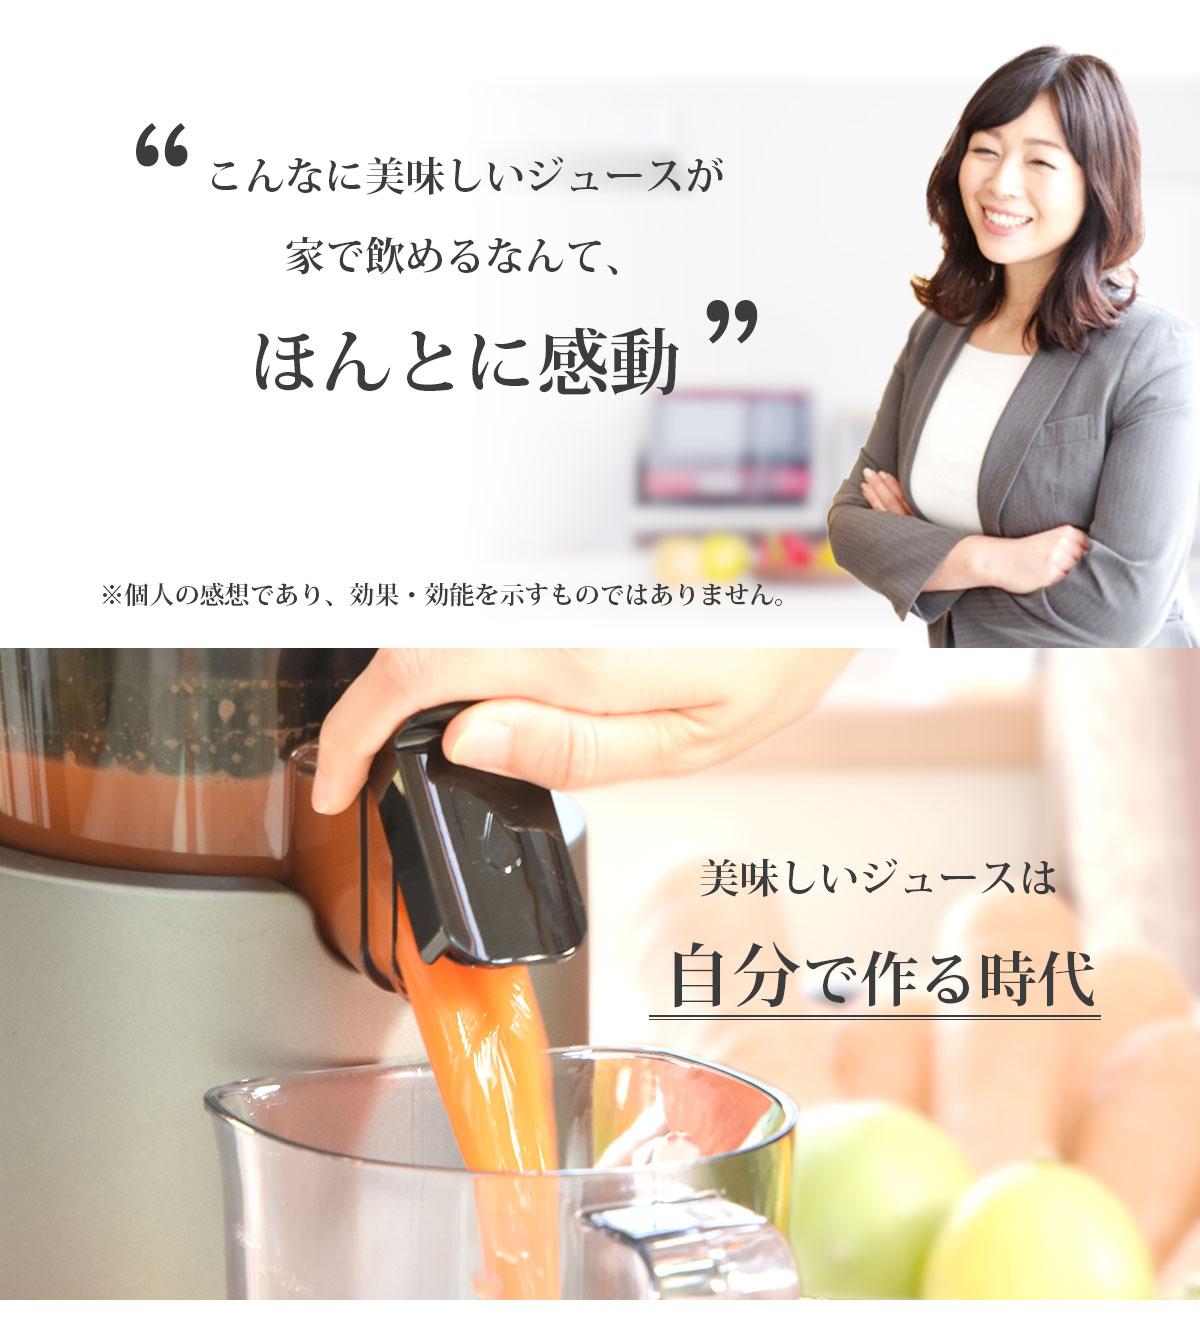 こんなに美味しいジュースが家で飲めるなんてほんとに感動